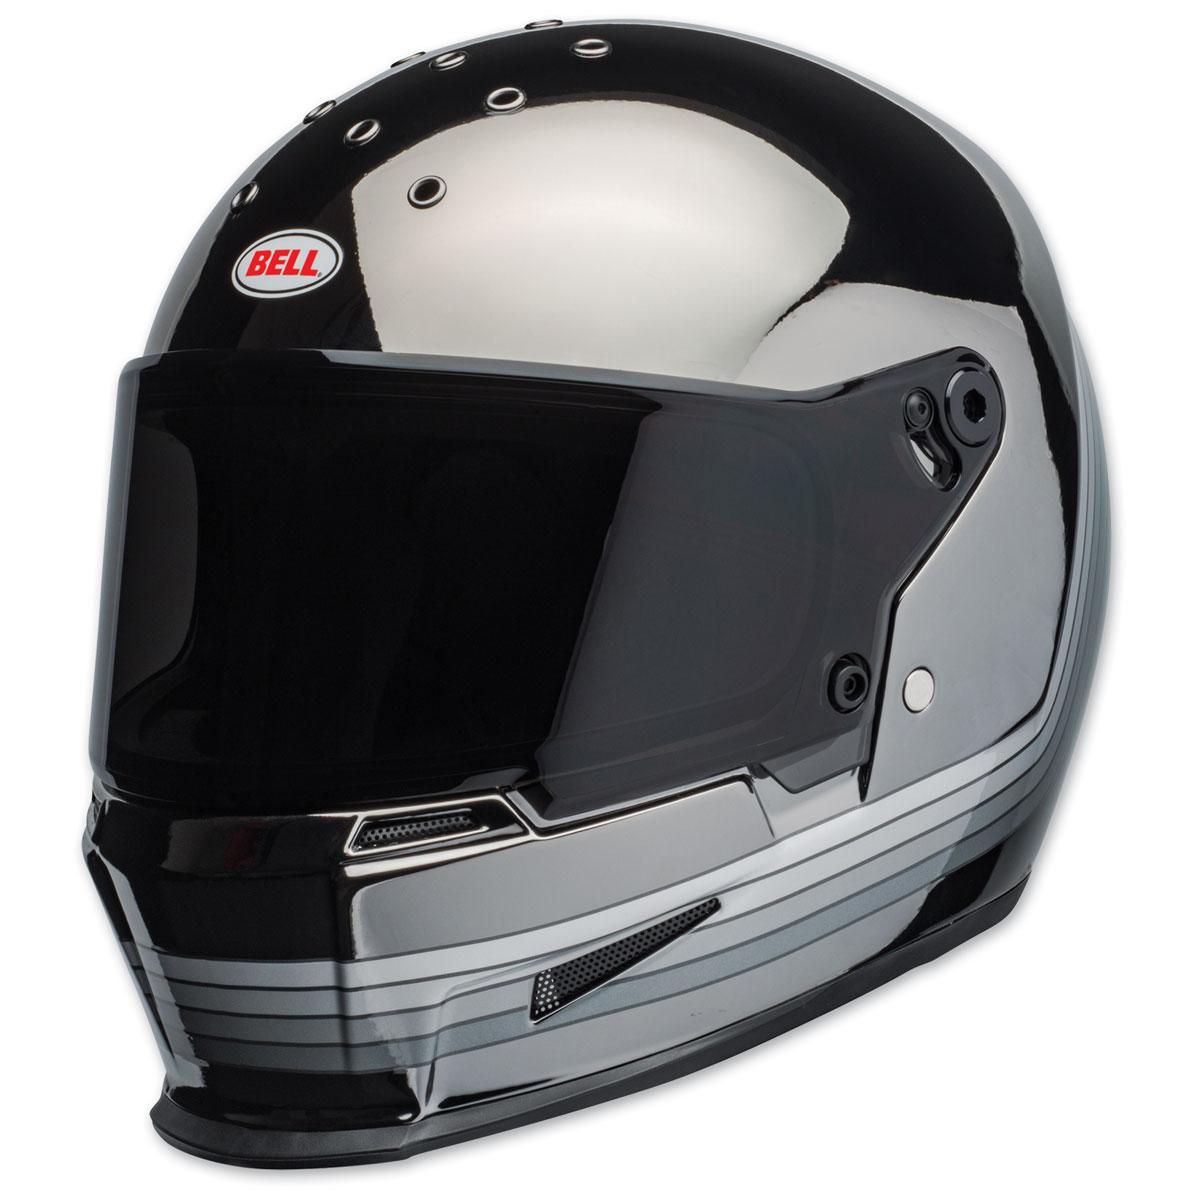 Bell Eliminator Spectrum Black/Chrome Full Face Helmet